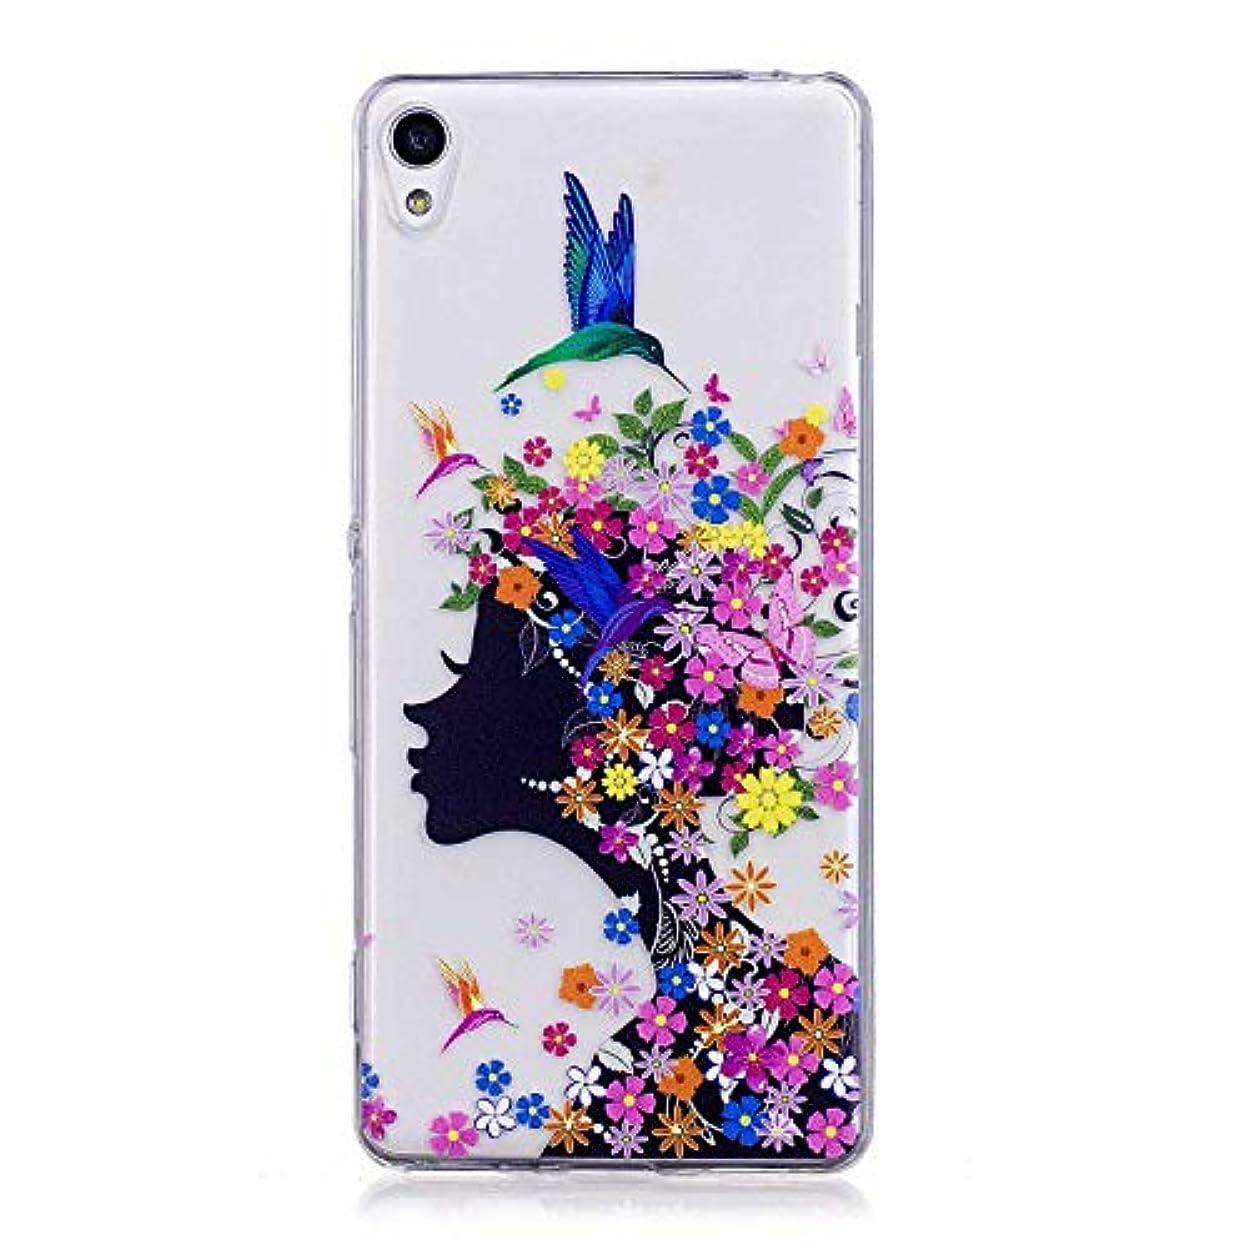 Sony Xperia XA ケース OMATENTI ソフト 透明 クリア TPU 保護カバー 可愛い 花柄 耐衝撃 指紋防止 防塵 超薄 ケース (1-柄)